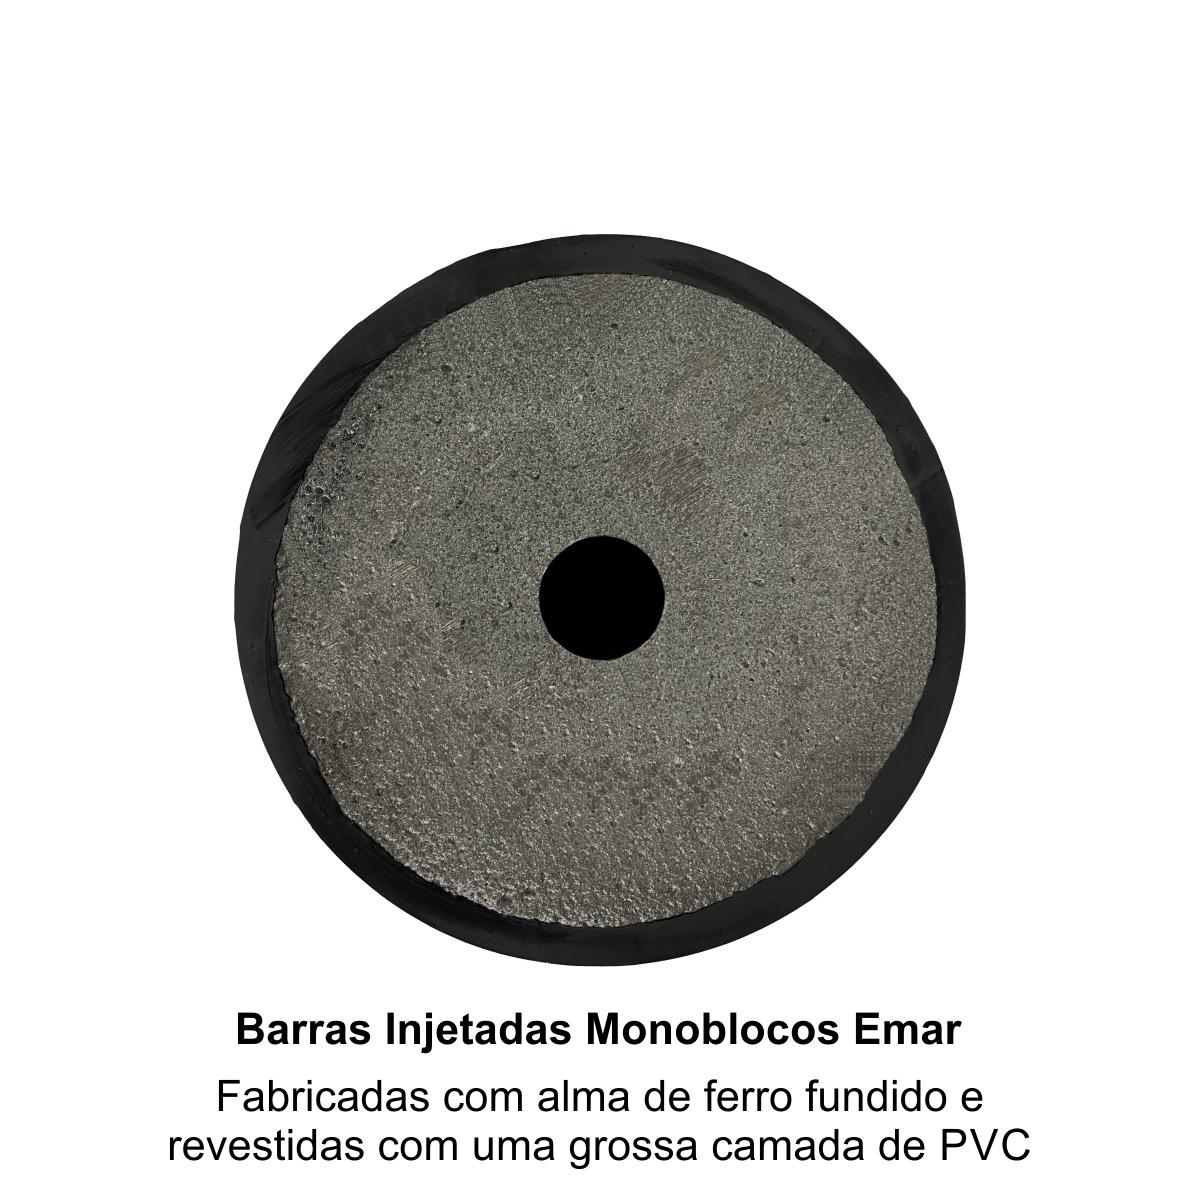 Barra Injetada Monobloco - Pegada com 1 metro - Revestida com Grossa Camada de PVC